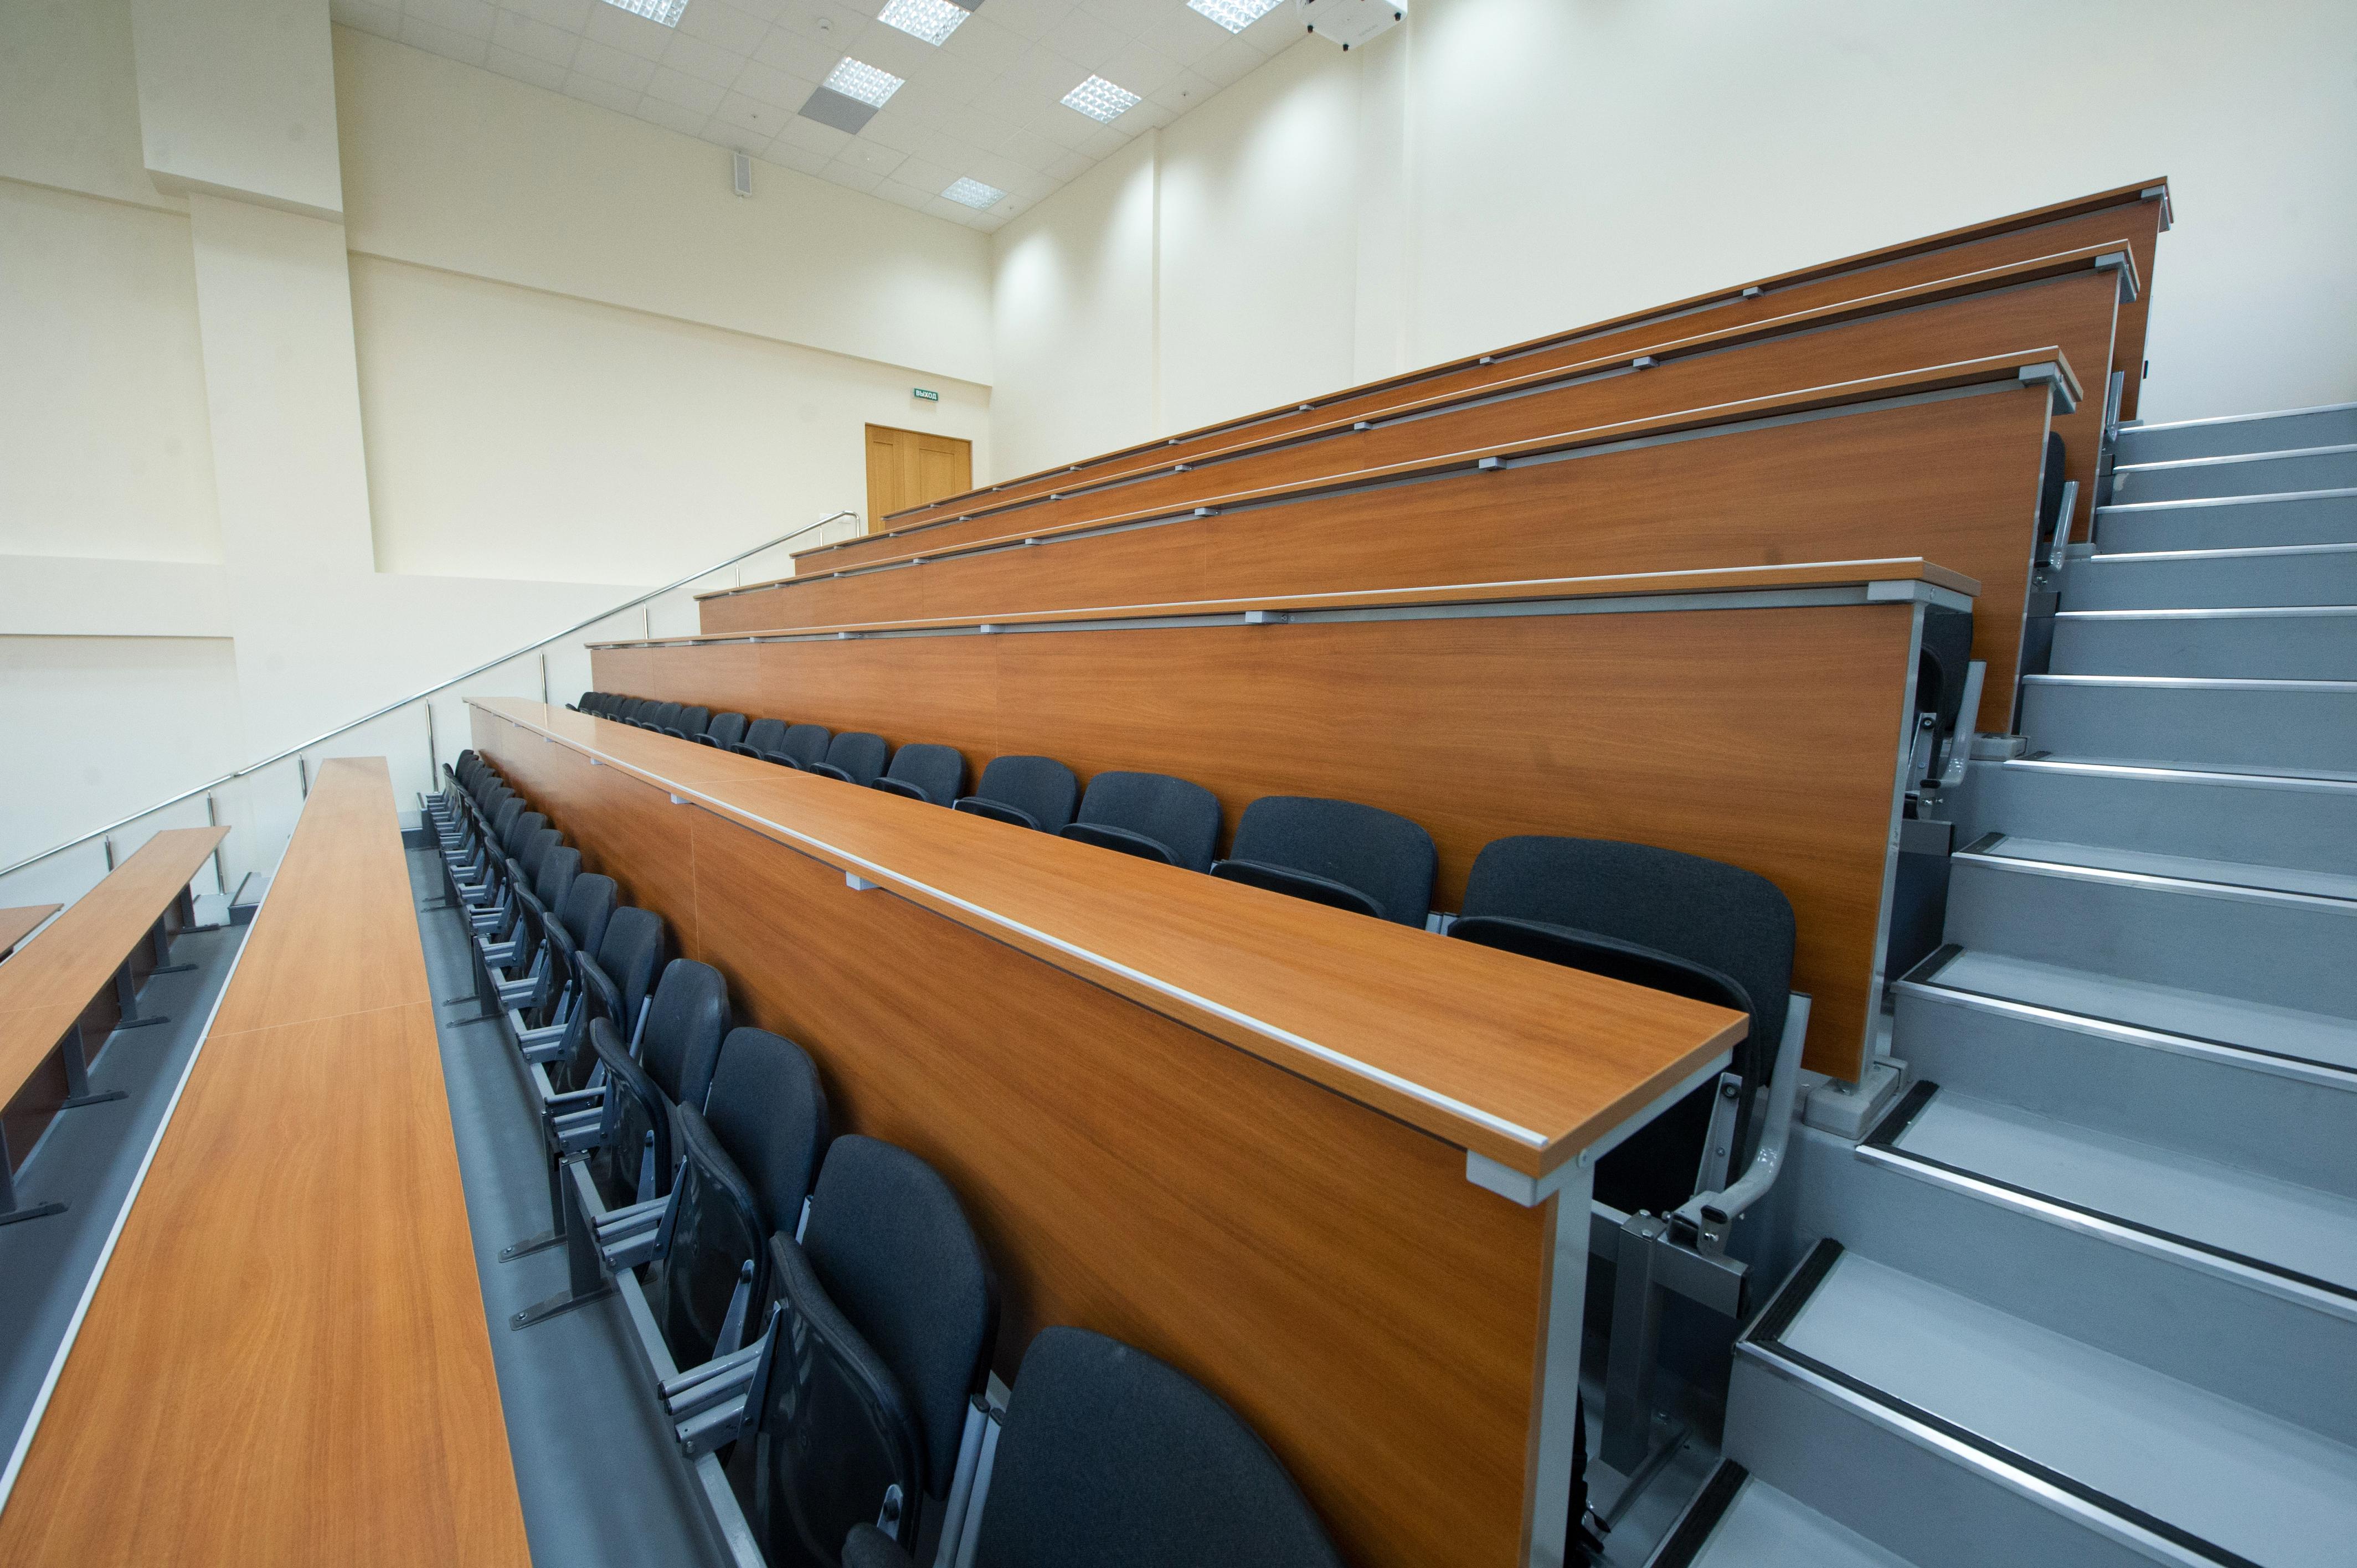 Аудитория в учебном комплексе НИУ ВШЭ в районе Строгино